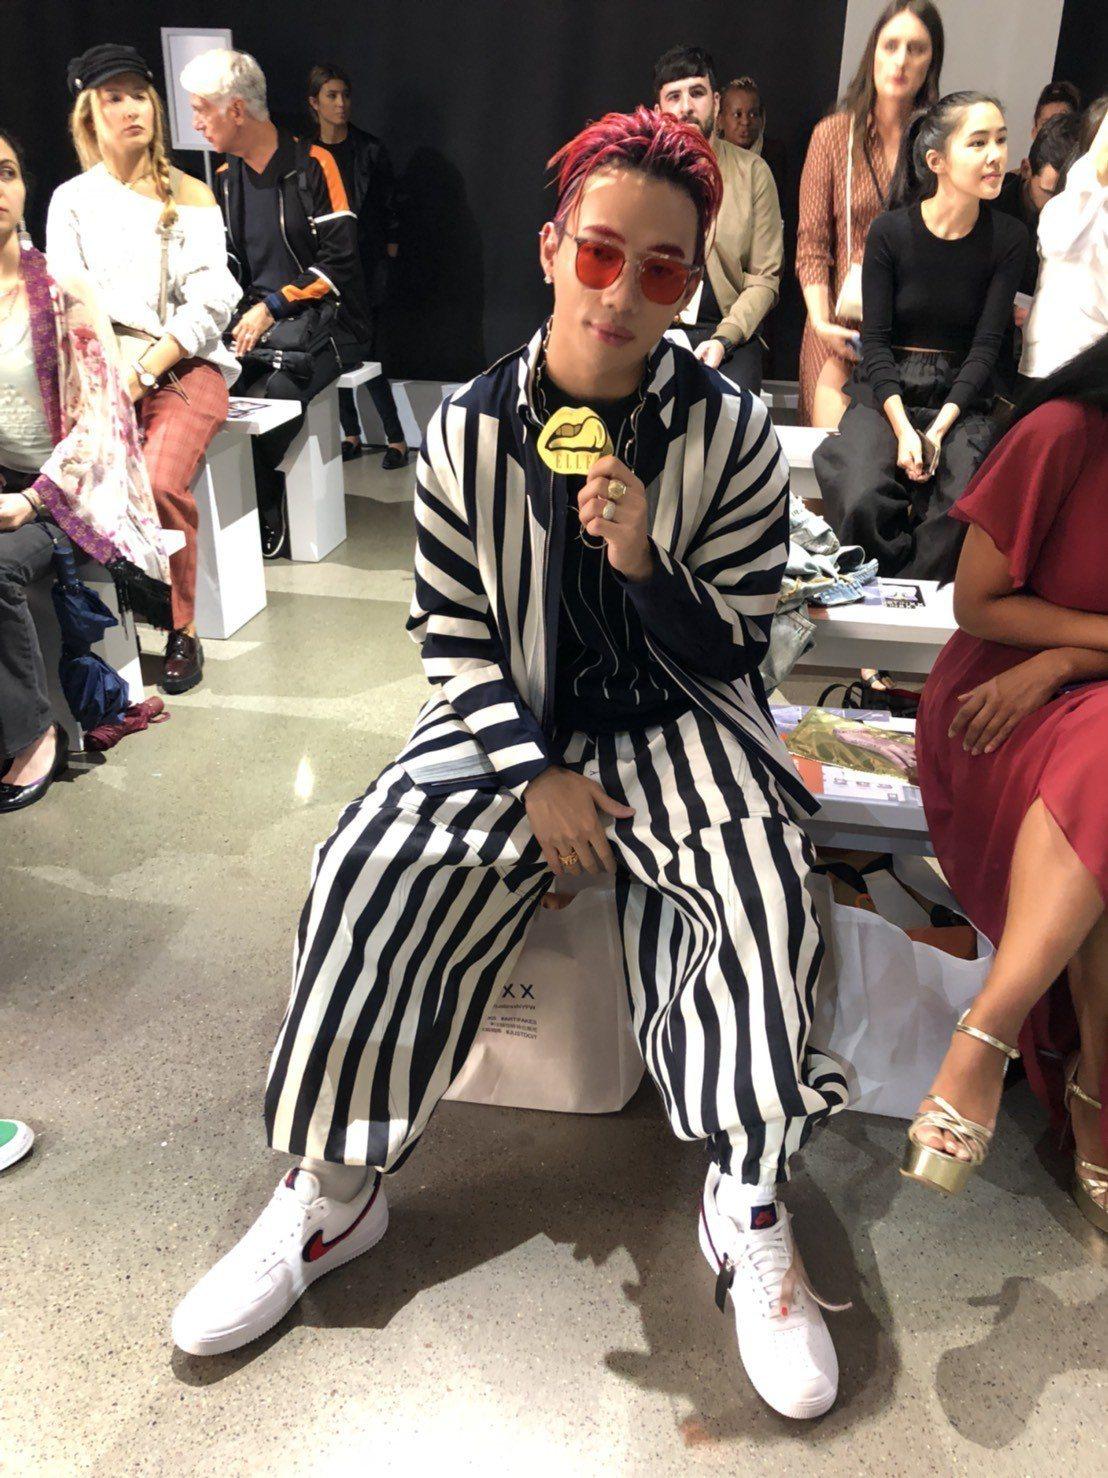 陳奕凡(ØZI)中場演唱是JUST IN XX服裝發表一大驚喜。記者楊詩涵/攝影